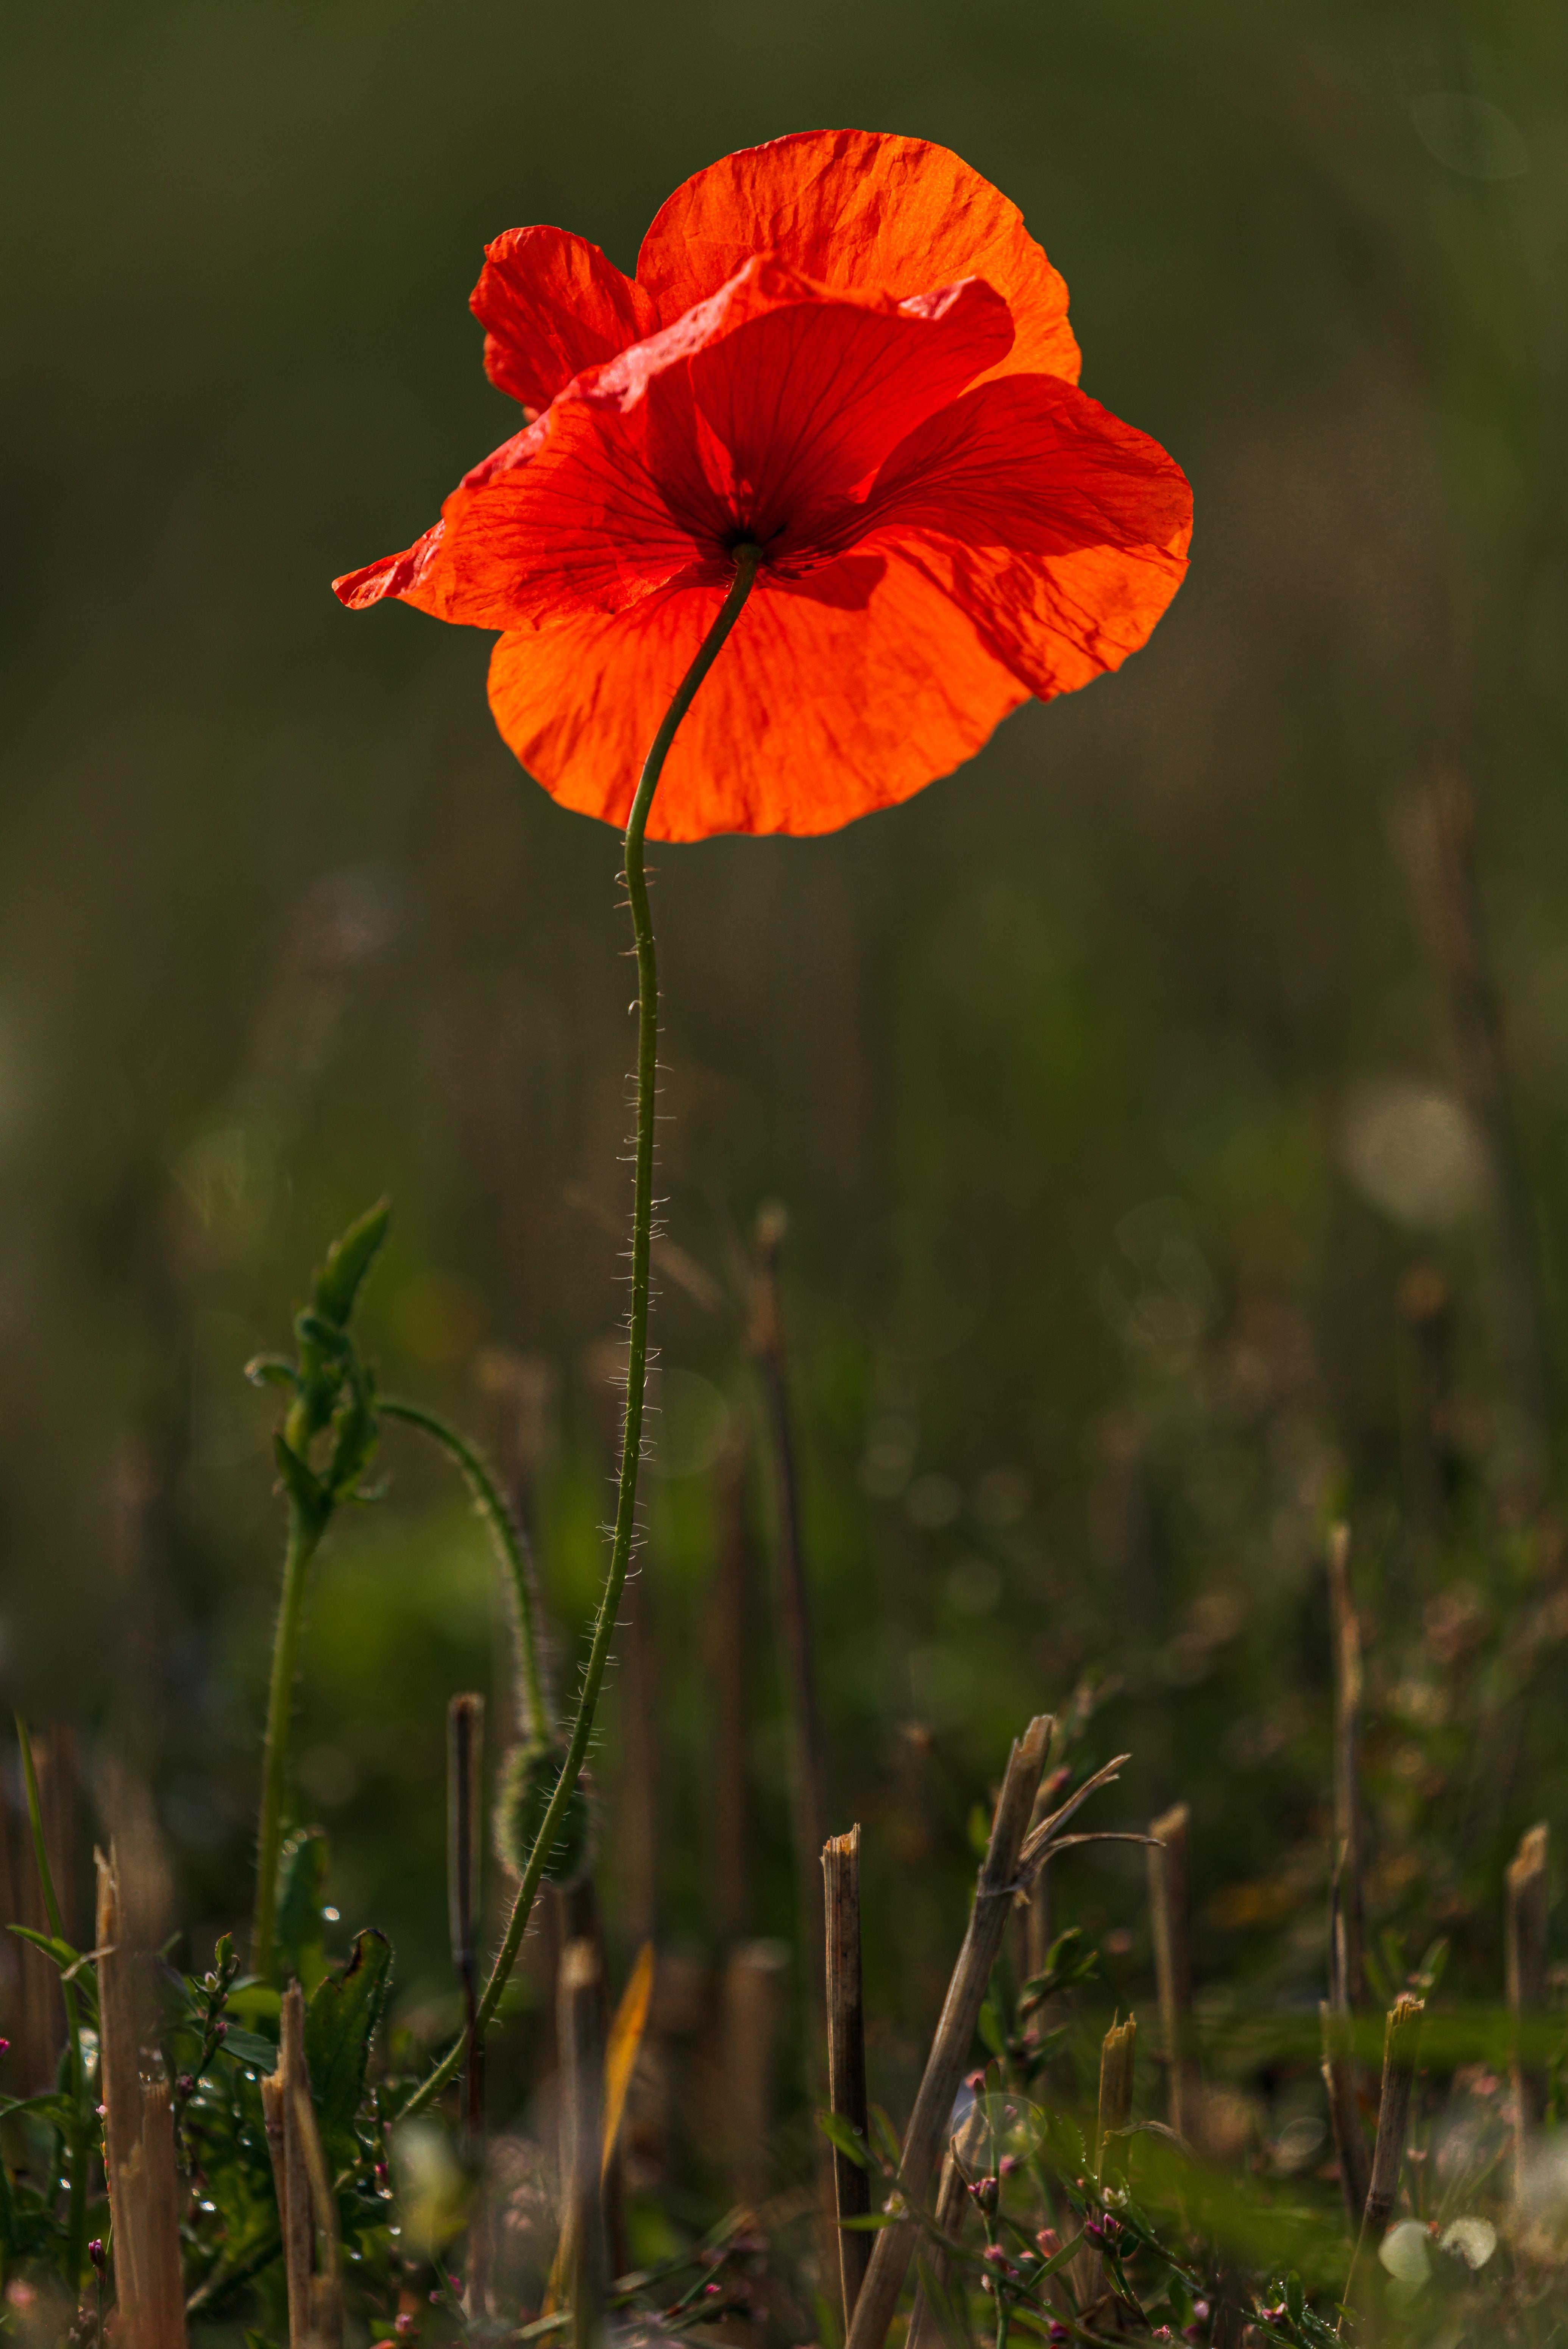 139268 скачать обои Цветы, Мак, Цветок, Красный, Яркий, Цветение - заставки и картинки бесплатно